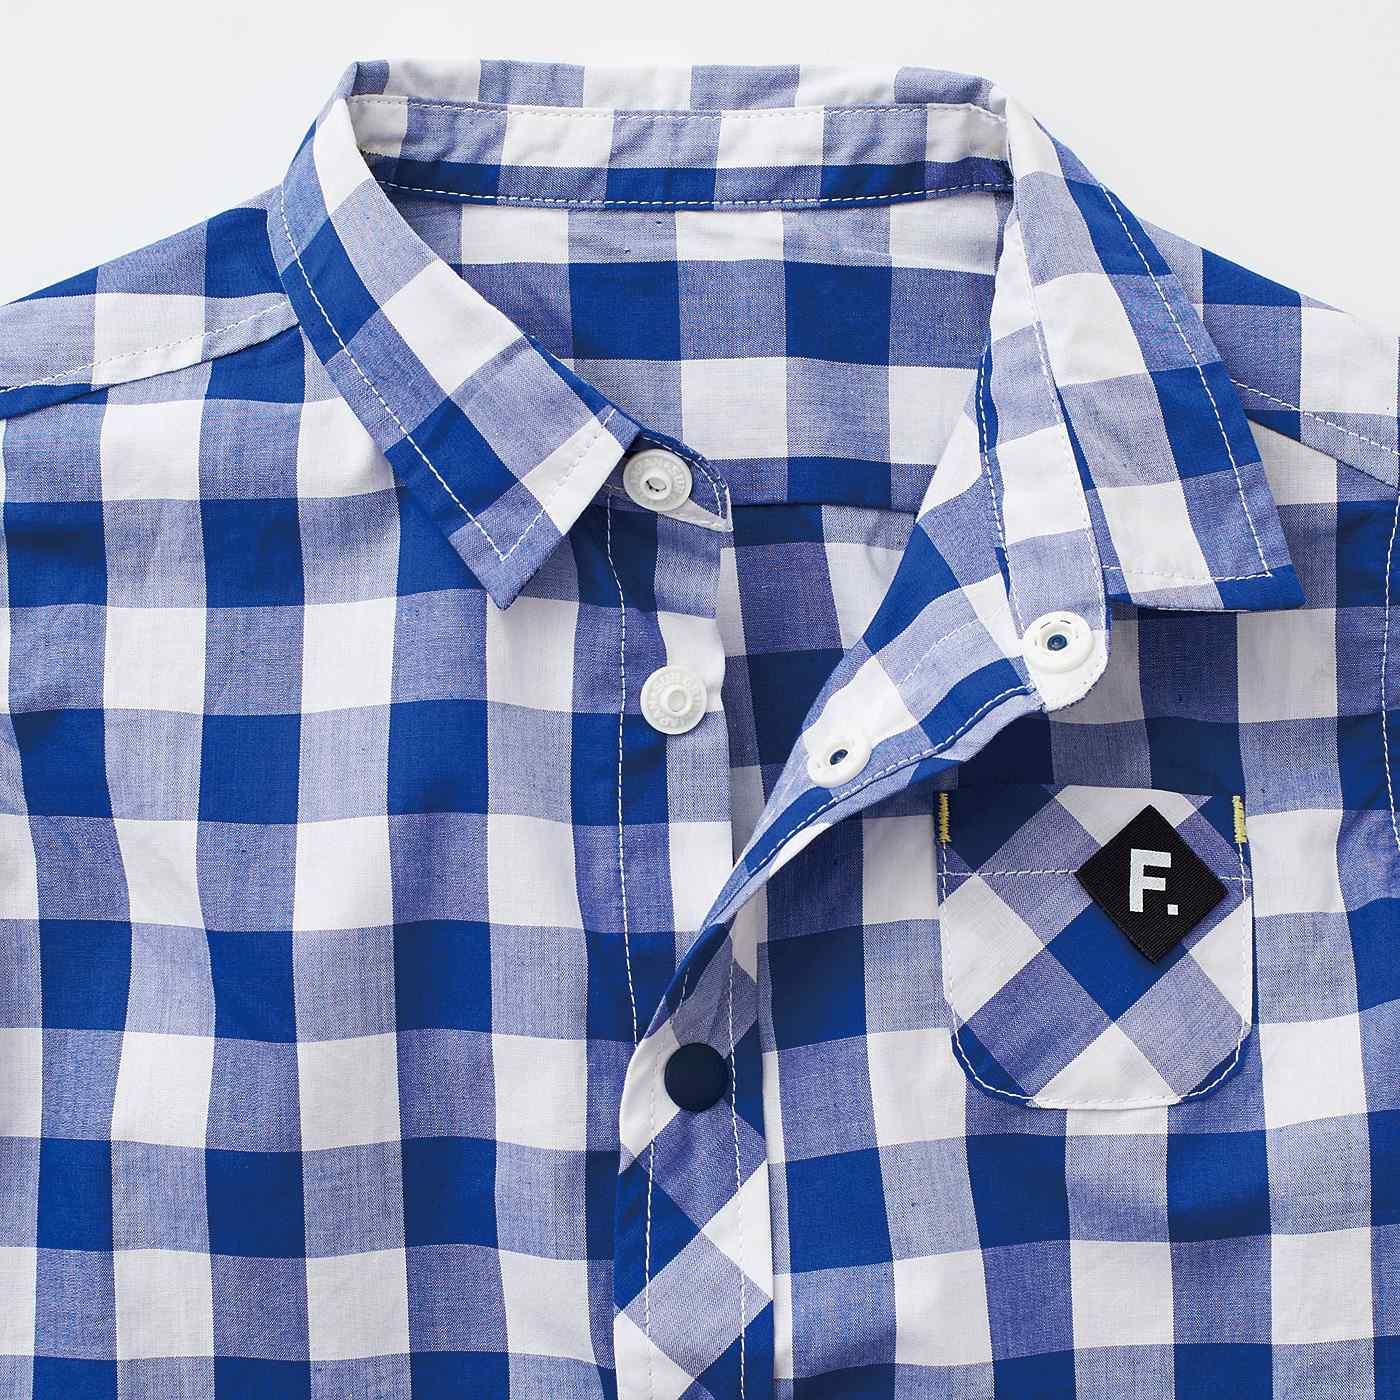 フロントをスナップボタンにして、自分でお着替えをサポート。